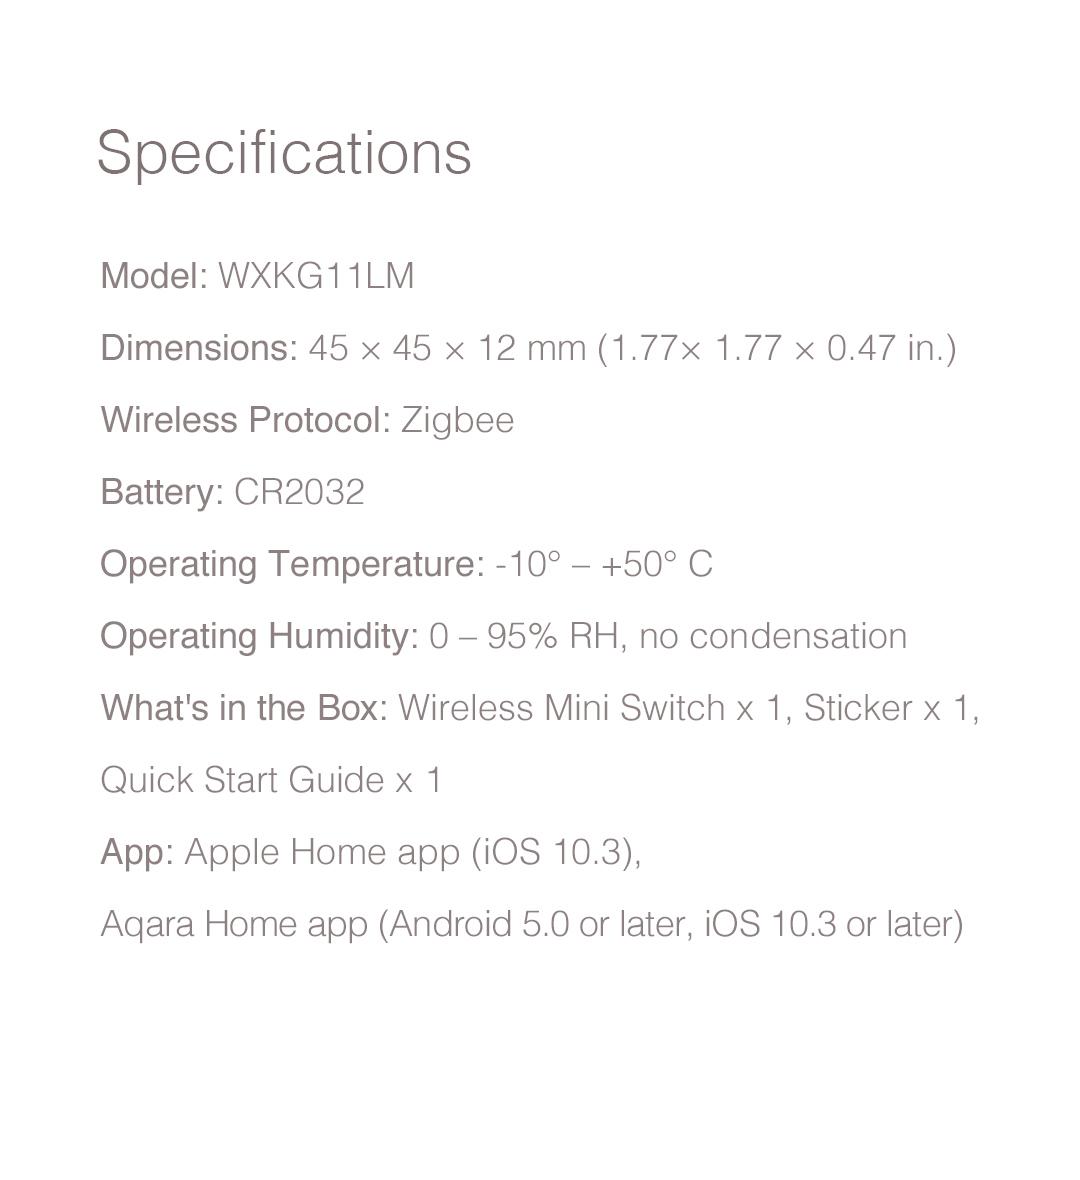 Aqara wireless switch specification